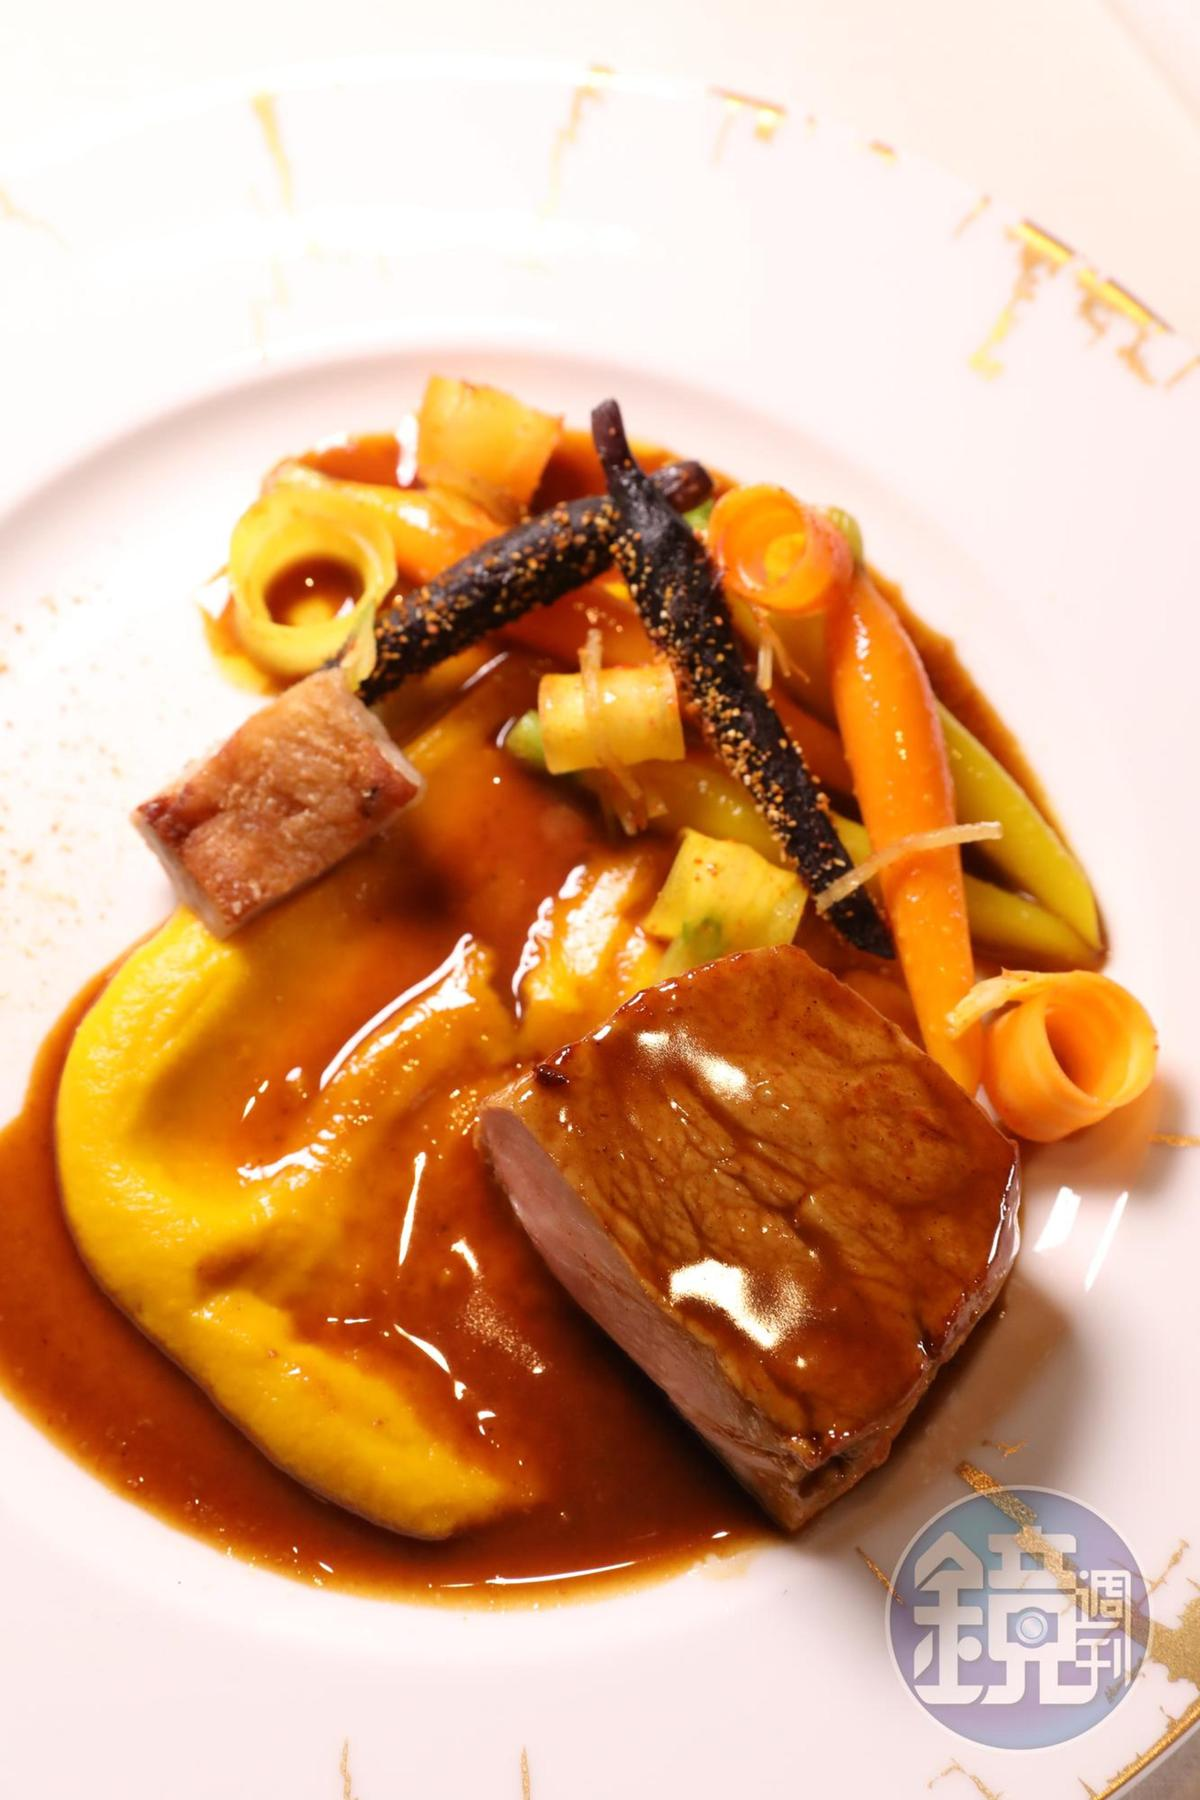 採用還未斷奶犢牛製作的「牛仔扒、小胡蘿蔔、薑」,具有特別嚼感。(澳門幣678元/份,約NT$2,591)